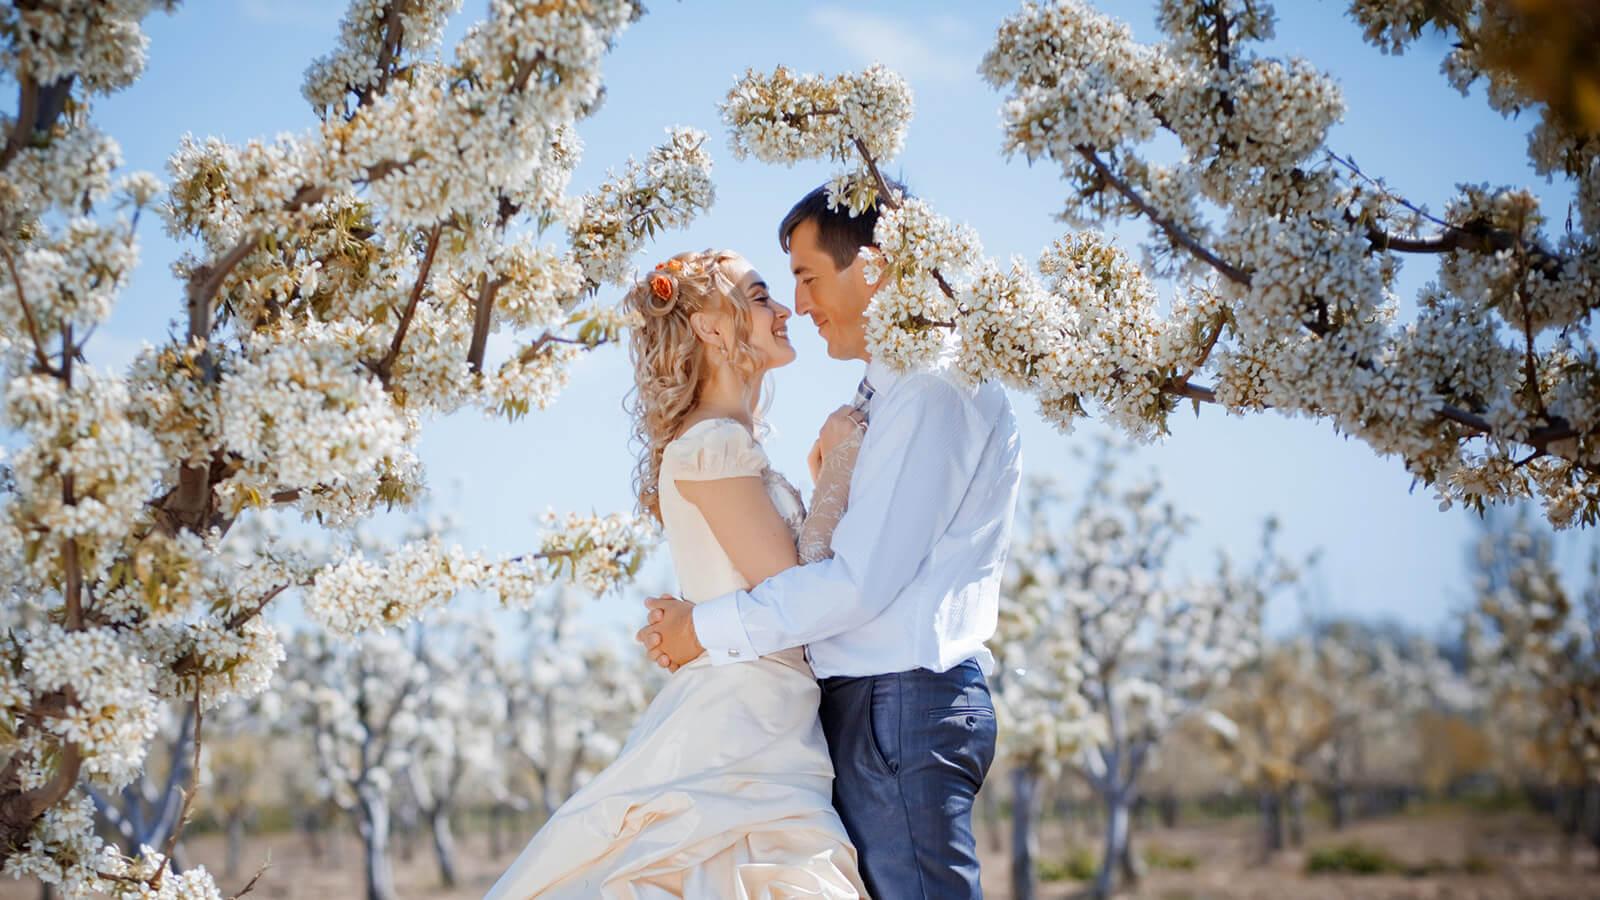 Организация свадьбы от АНДРЭ